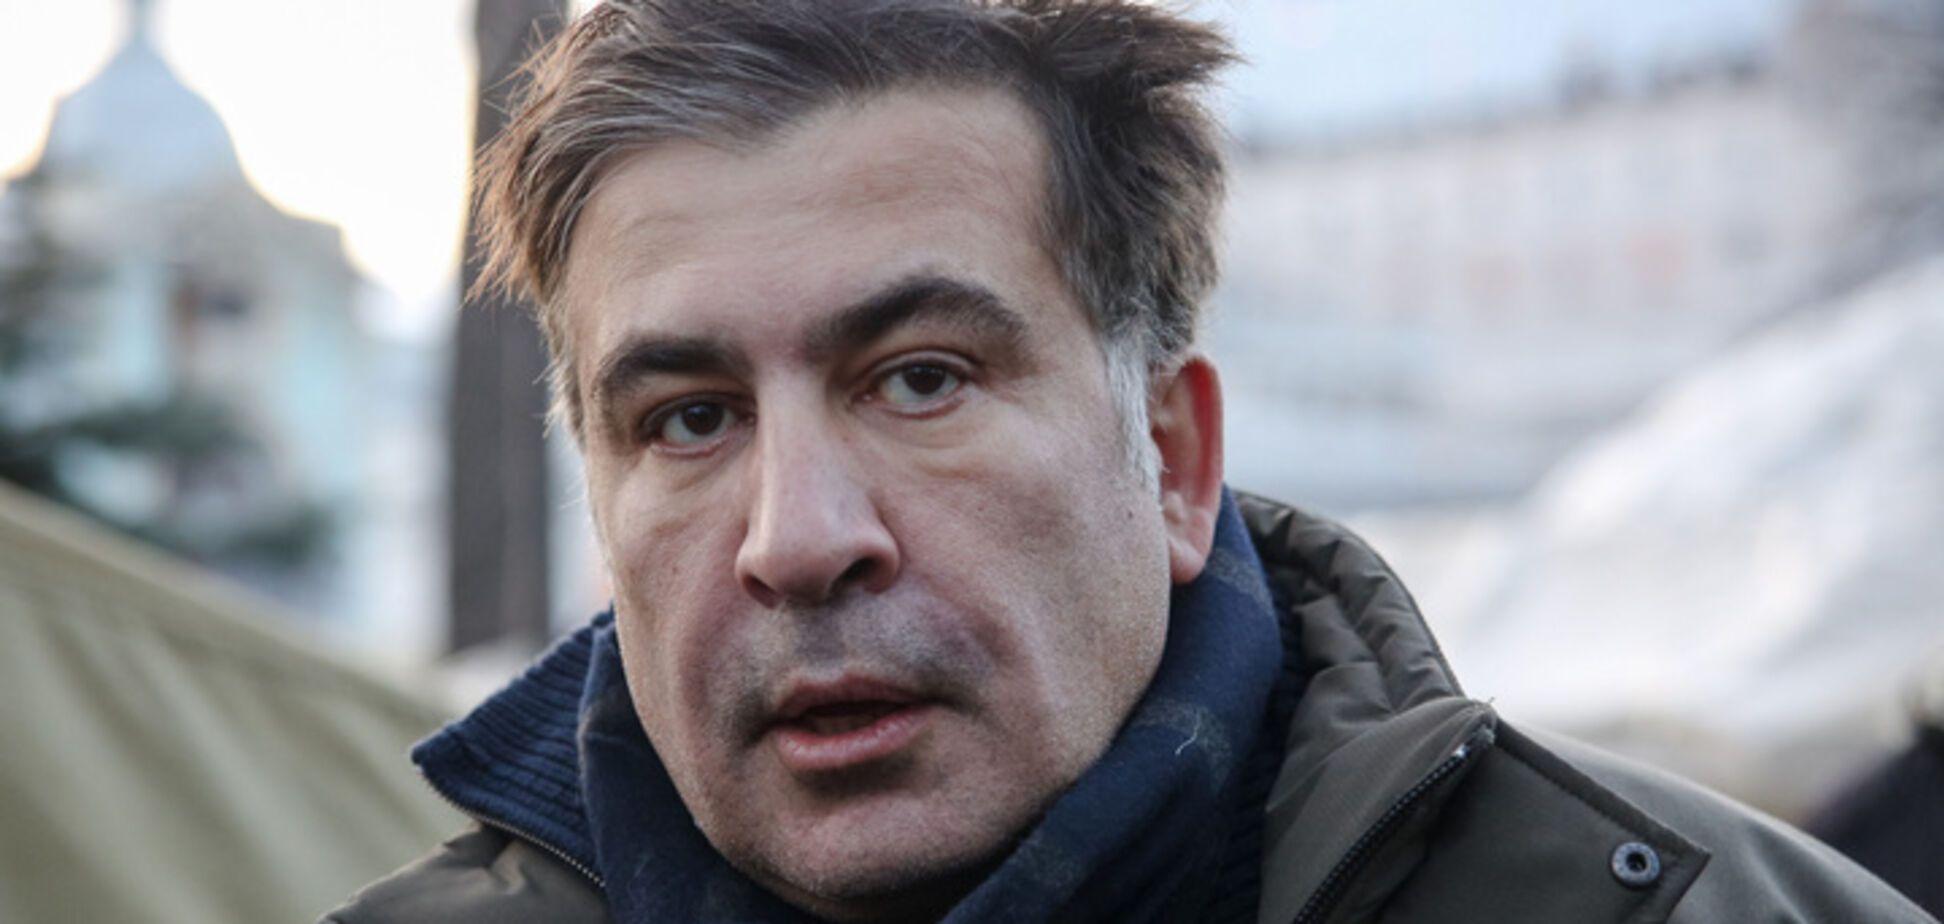 Повернення скасовується? Держприкордонслужба відповіла Саакашвілі на 'прорив' в Україну